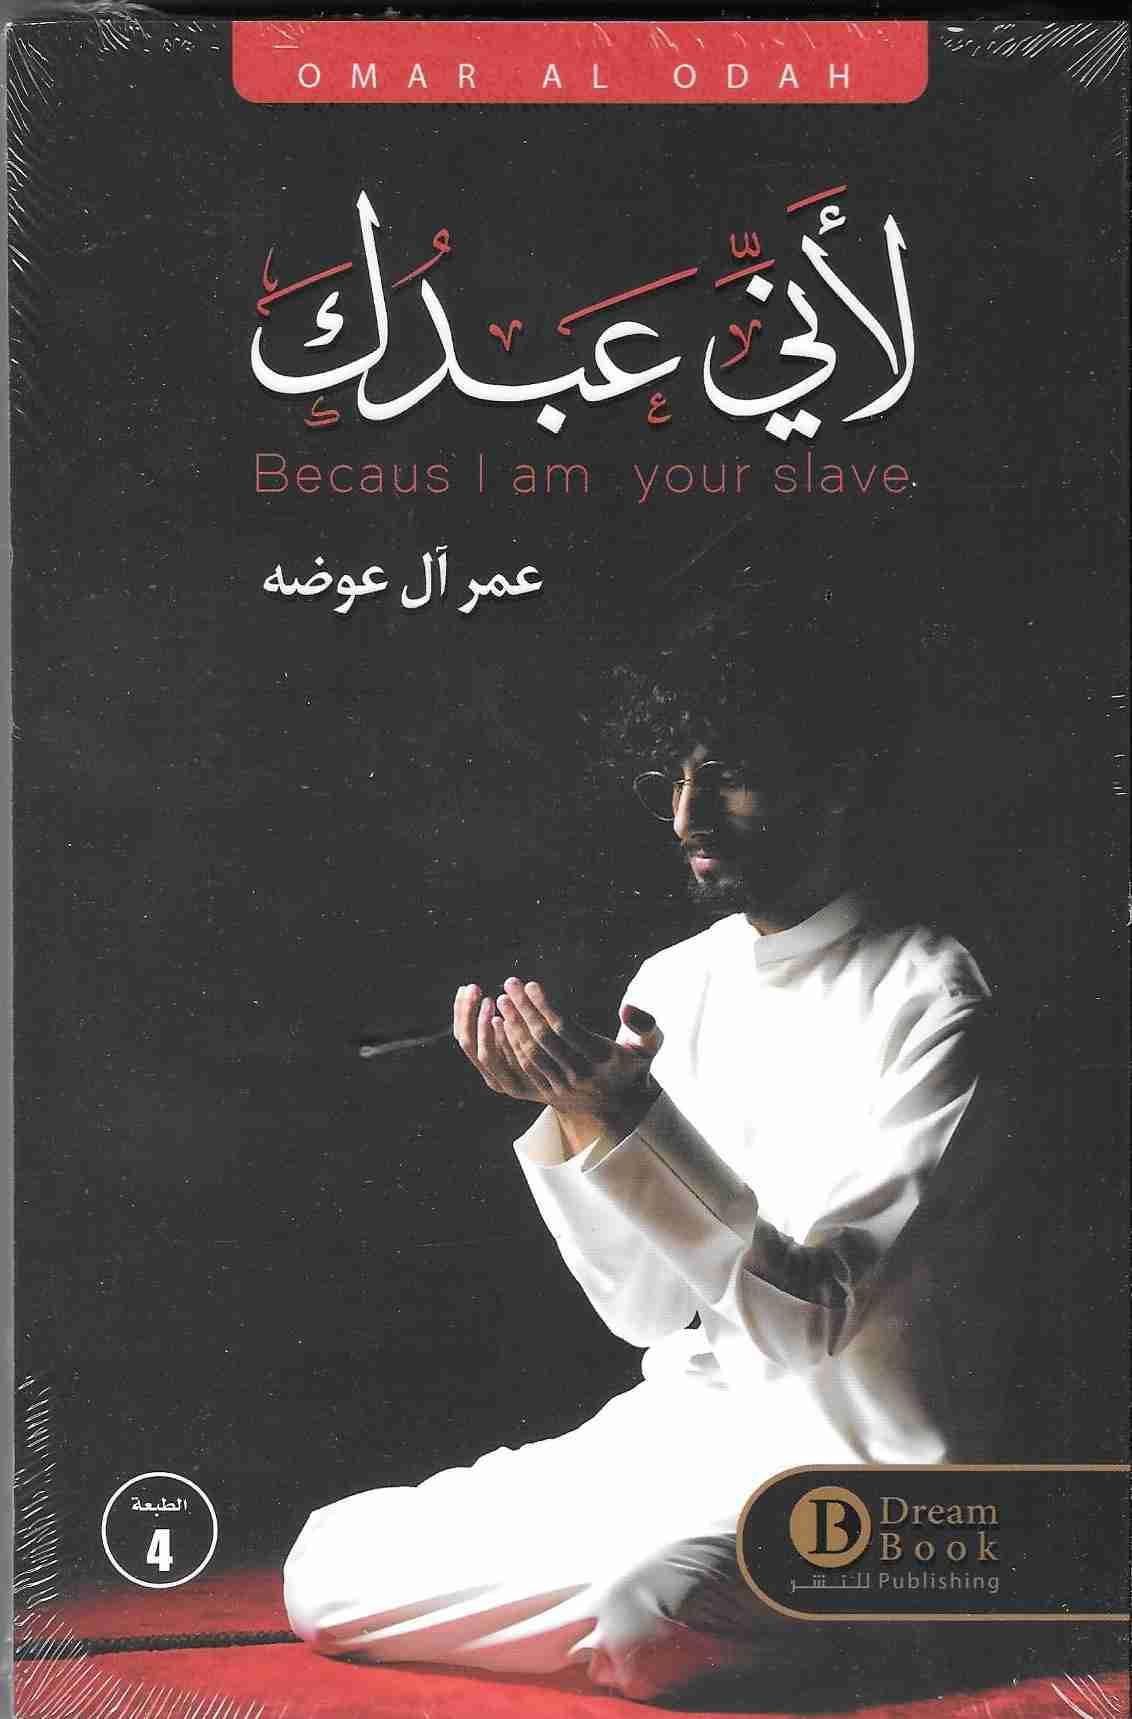 كتاب لاني عبدك لـ عمر ال عوضه